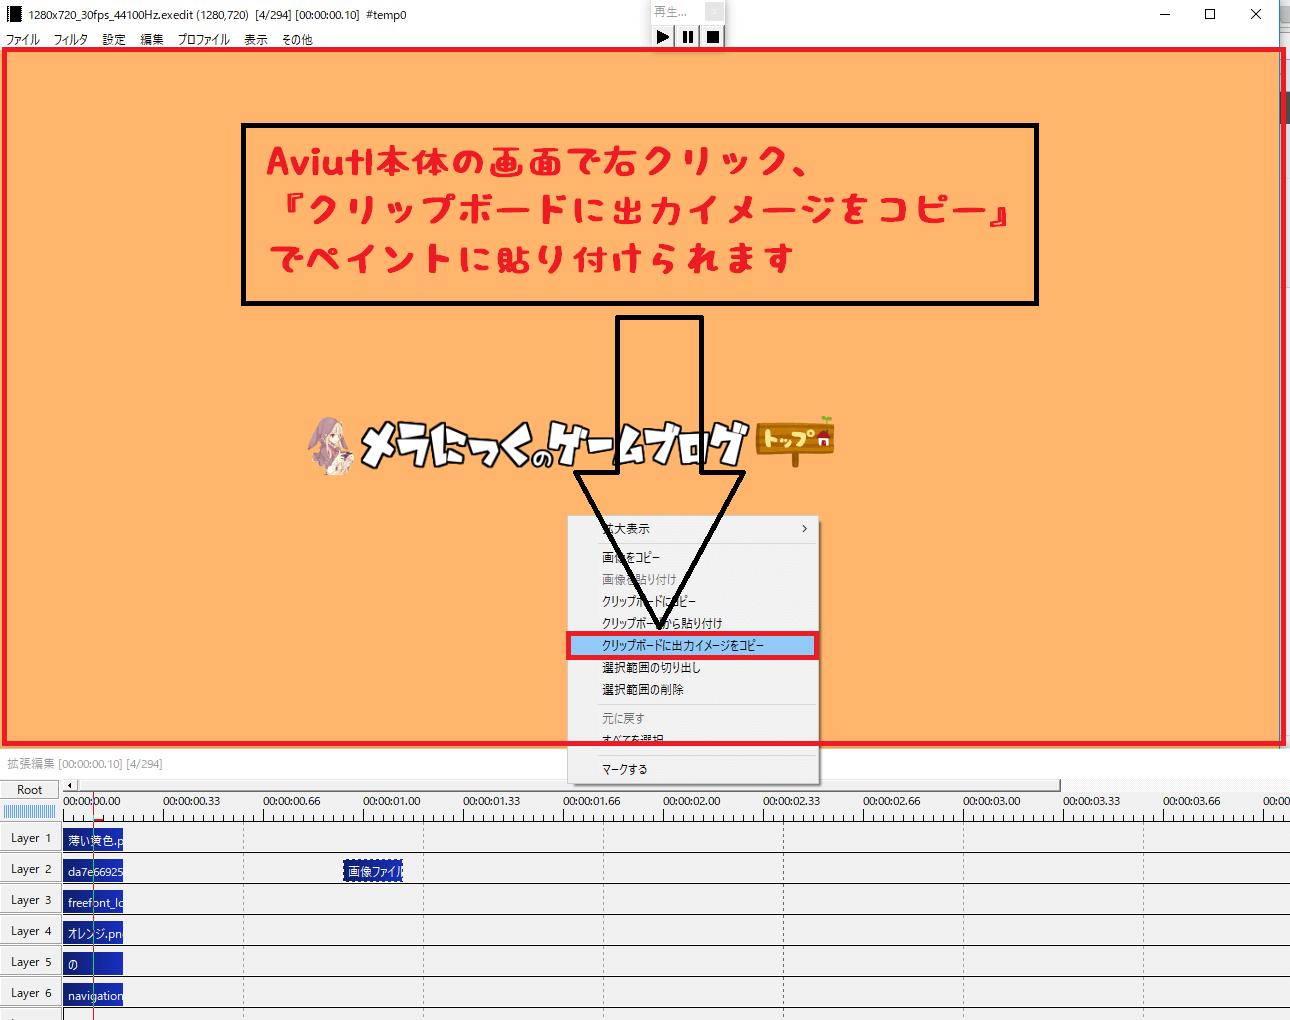 Aviutl画像ファイルのPNG保存